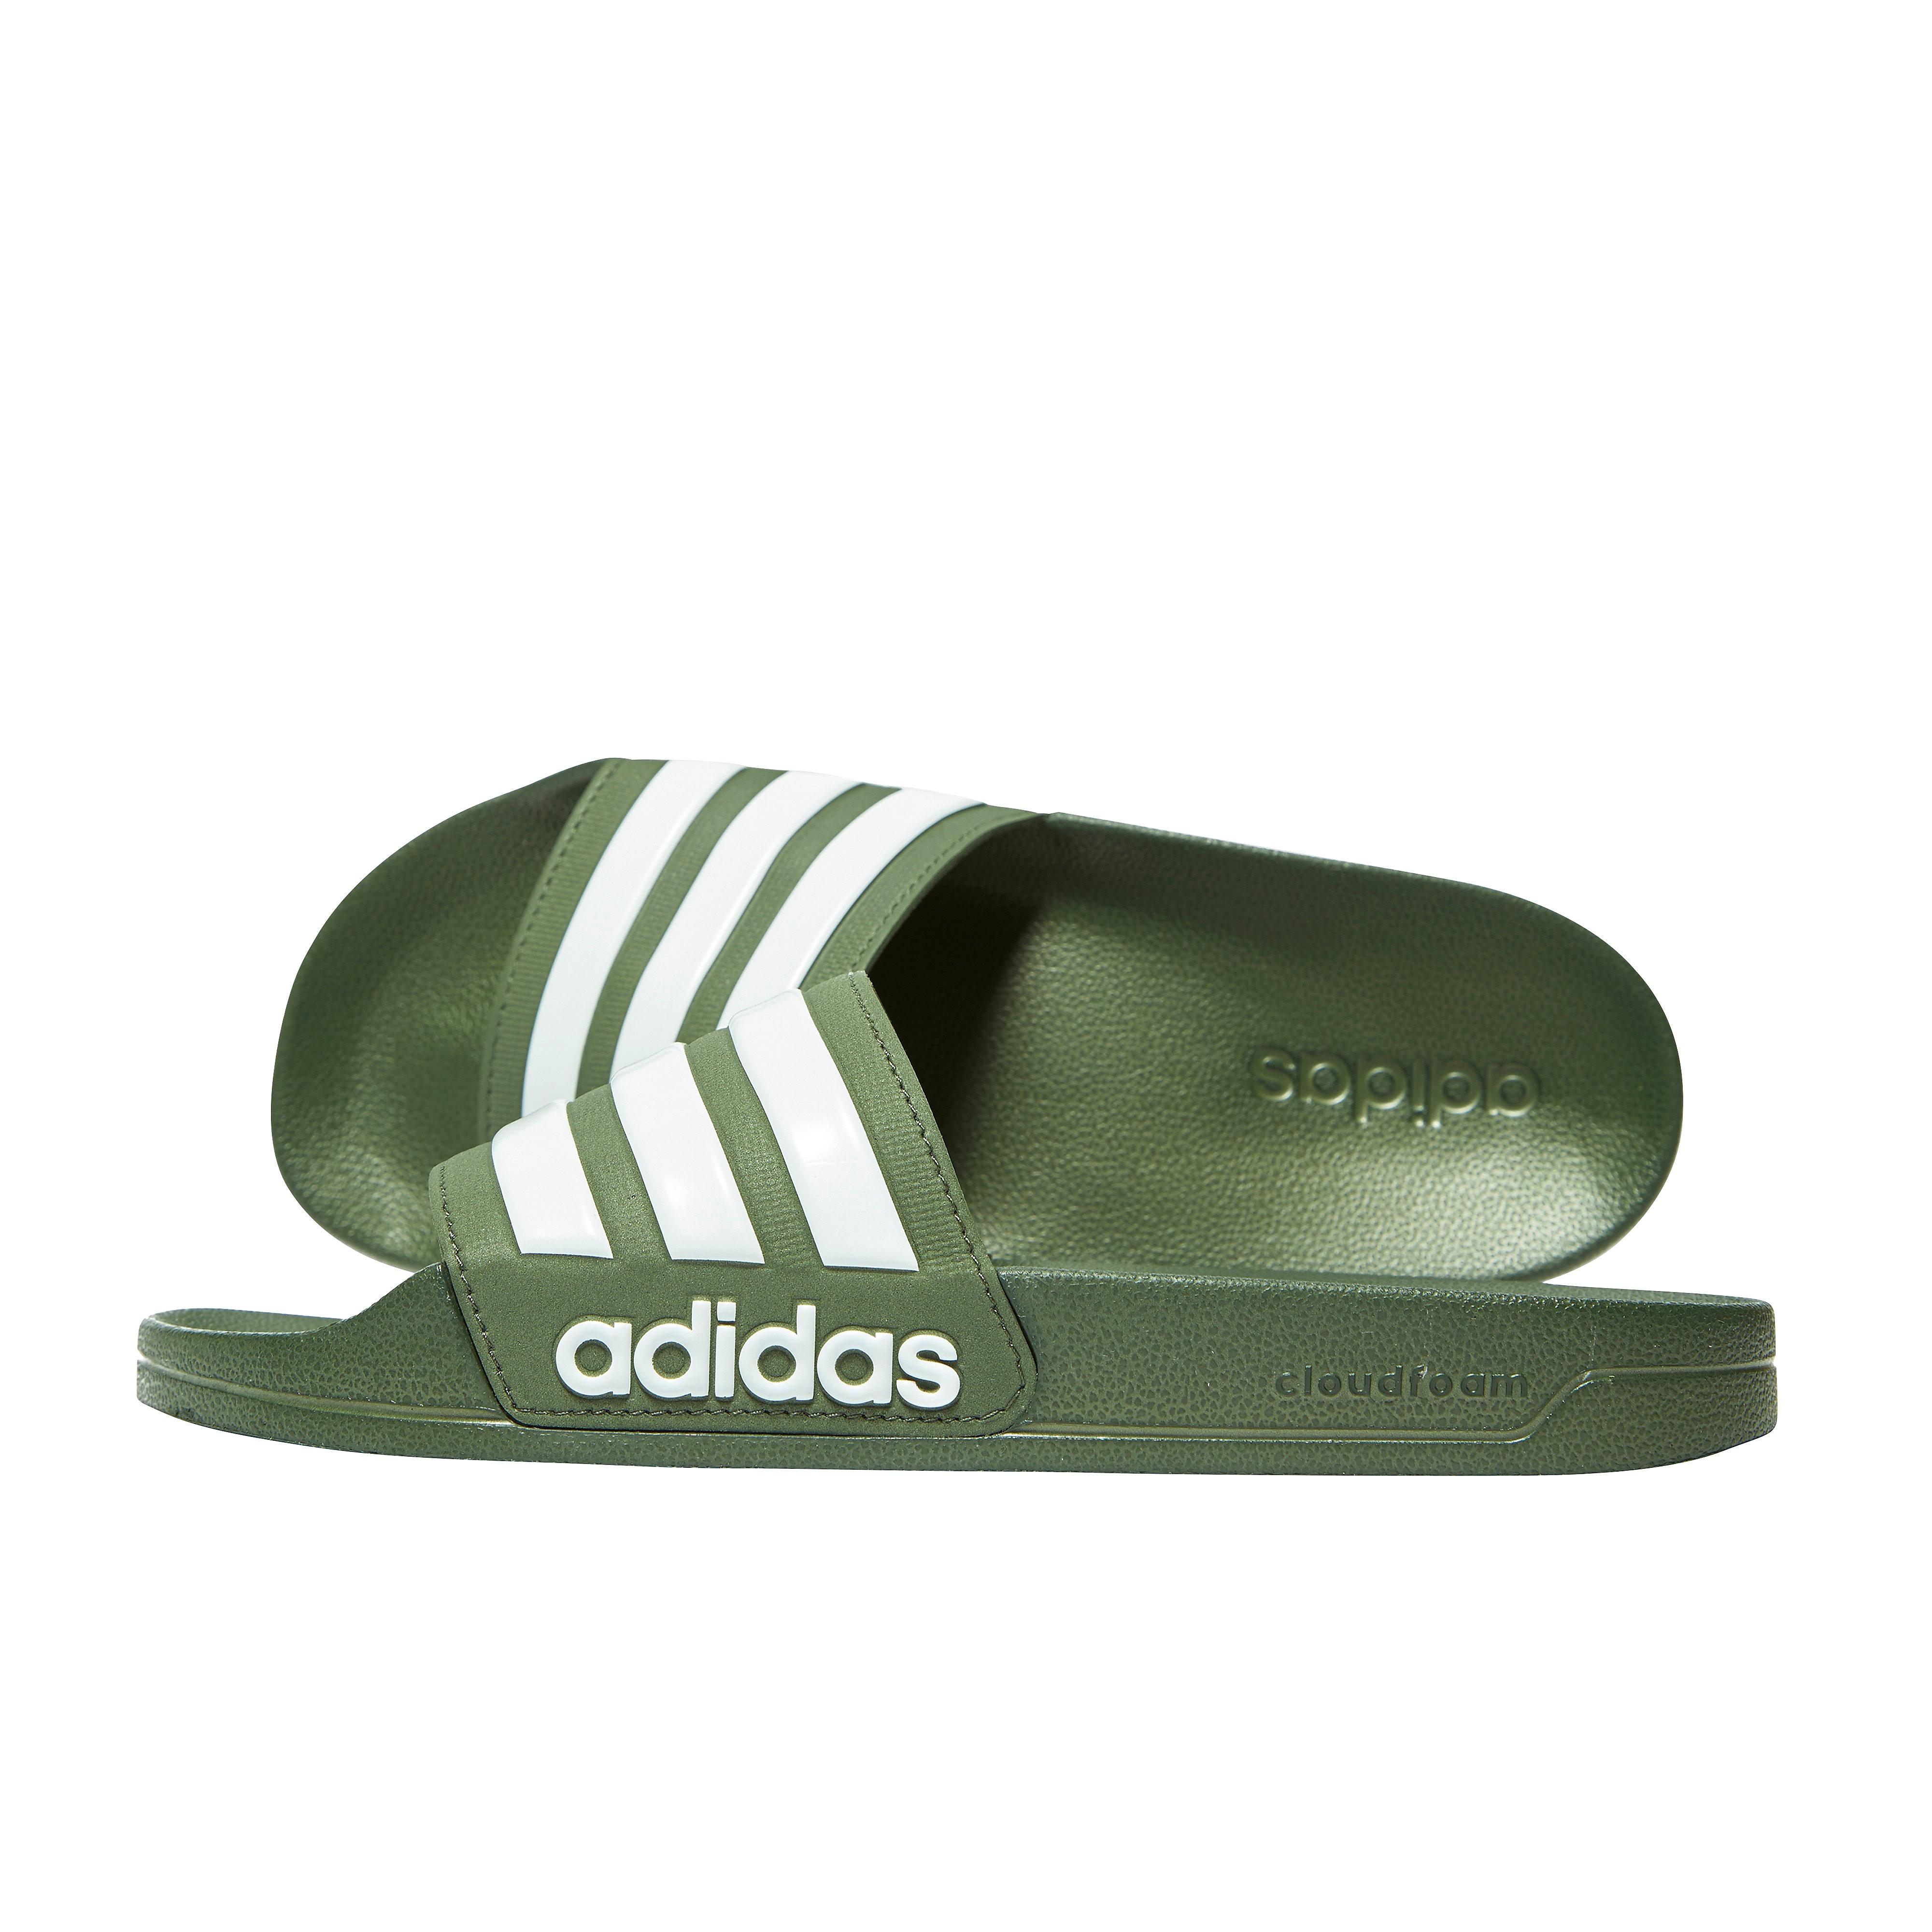 adidas Adilette Cloudfoam Slide Men's Sandals